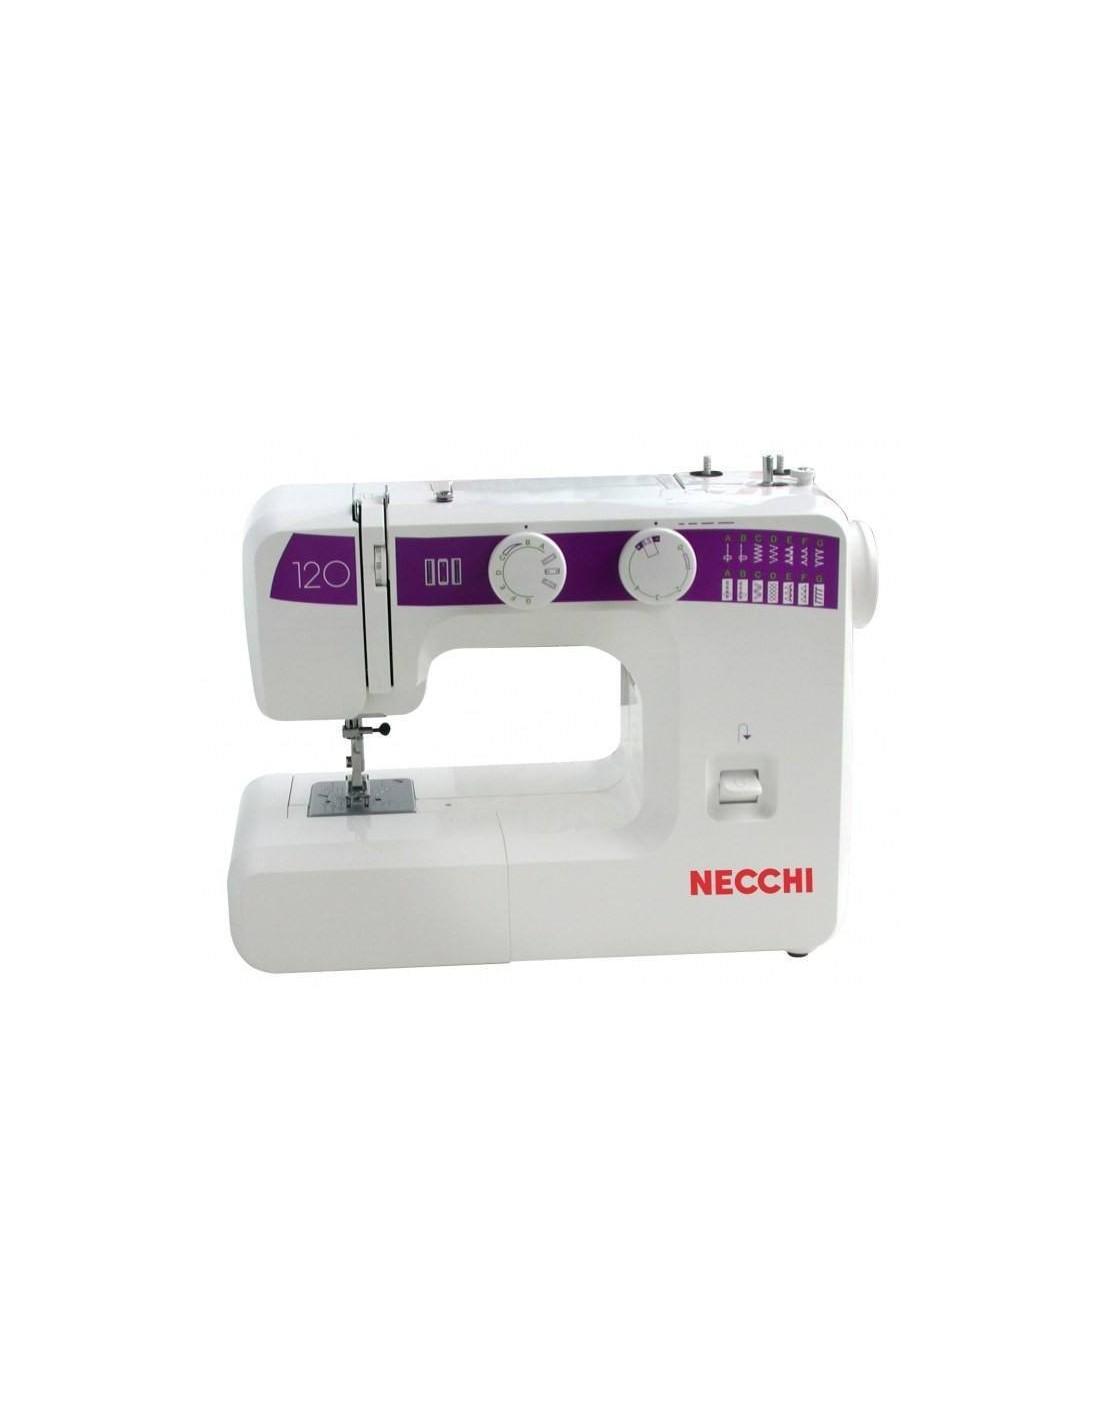 tecnica prezzi macchine per cucire necchi prezzi